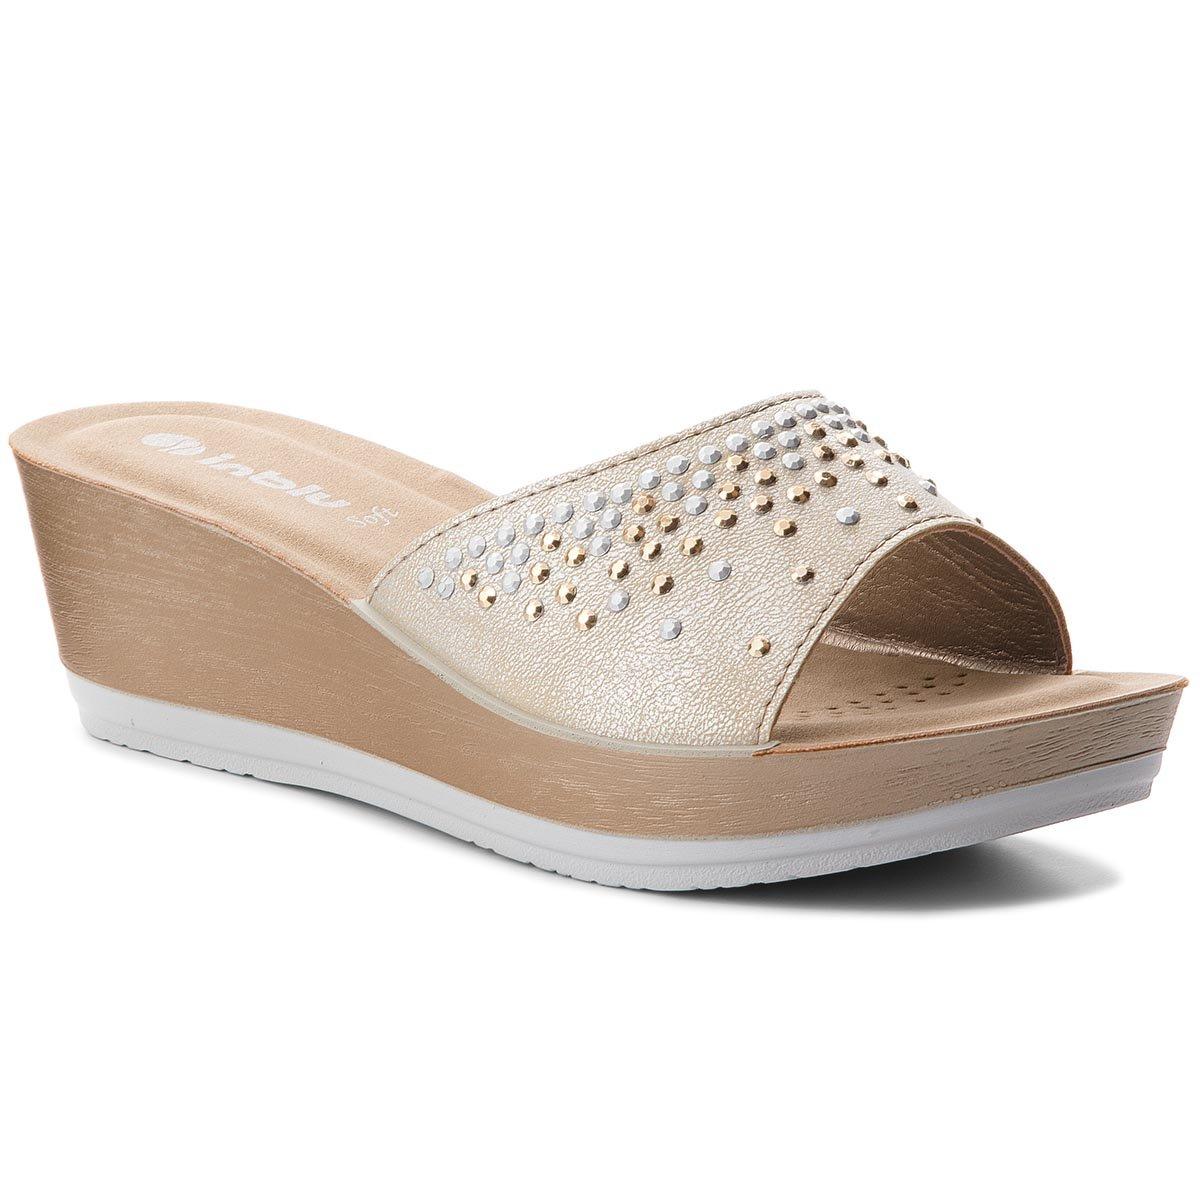 Sandały damskie CCC rozmiar 38 z rzemyczkami Kłodzko